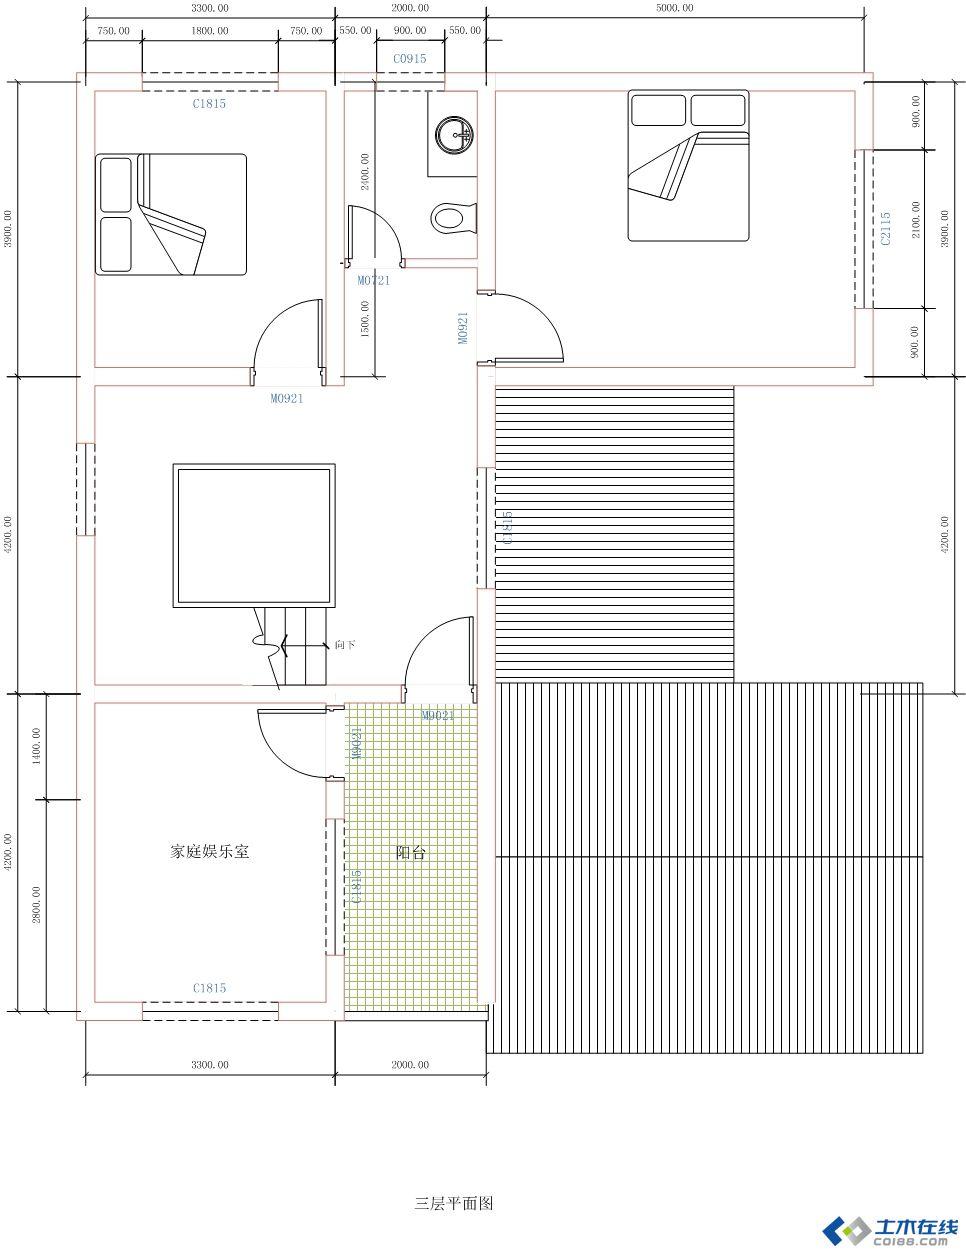 建筑设计 居住建筑 最简单的农村自建房平面图,请大家提宝贵意 .